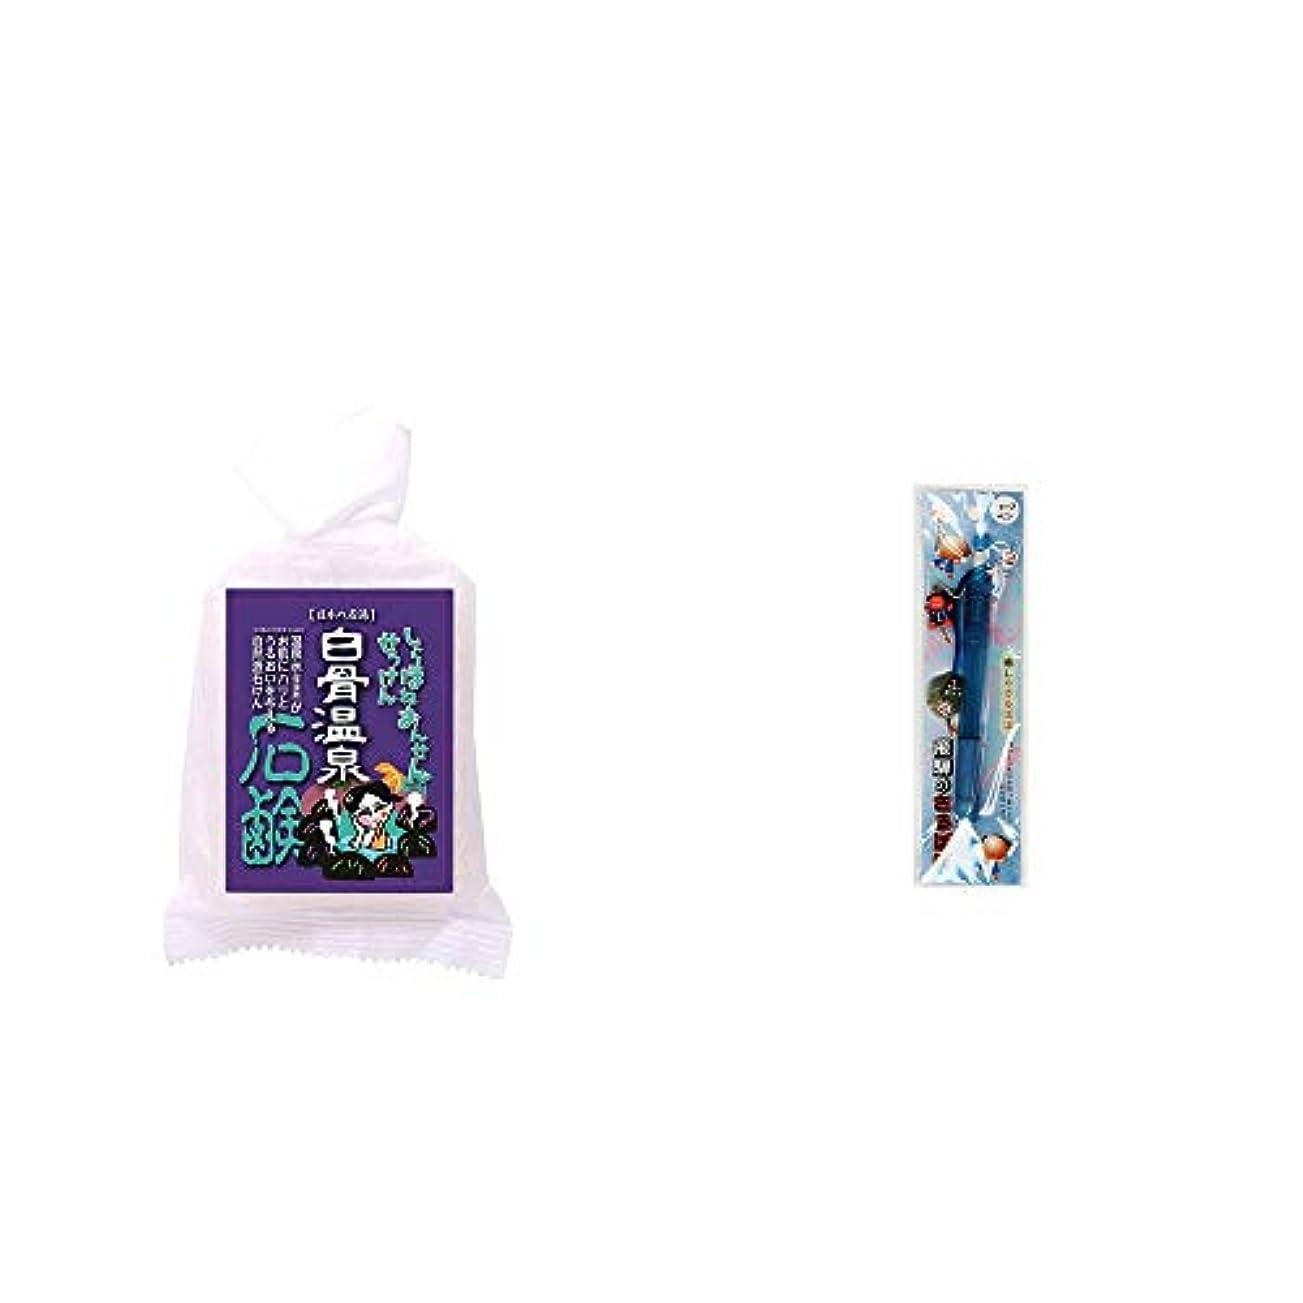 出会い定期的にパーツ[2点セット] 信州 白骨温泉石鹸(80g)?さるぼぼ 癒しシャープペン 【ブルー】